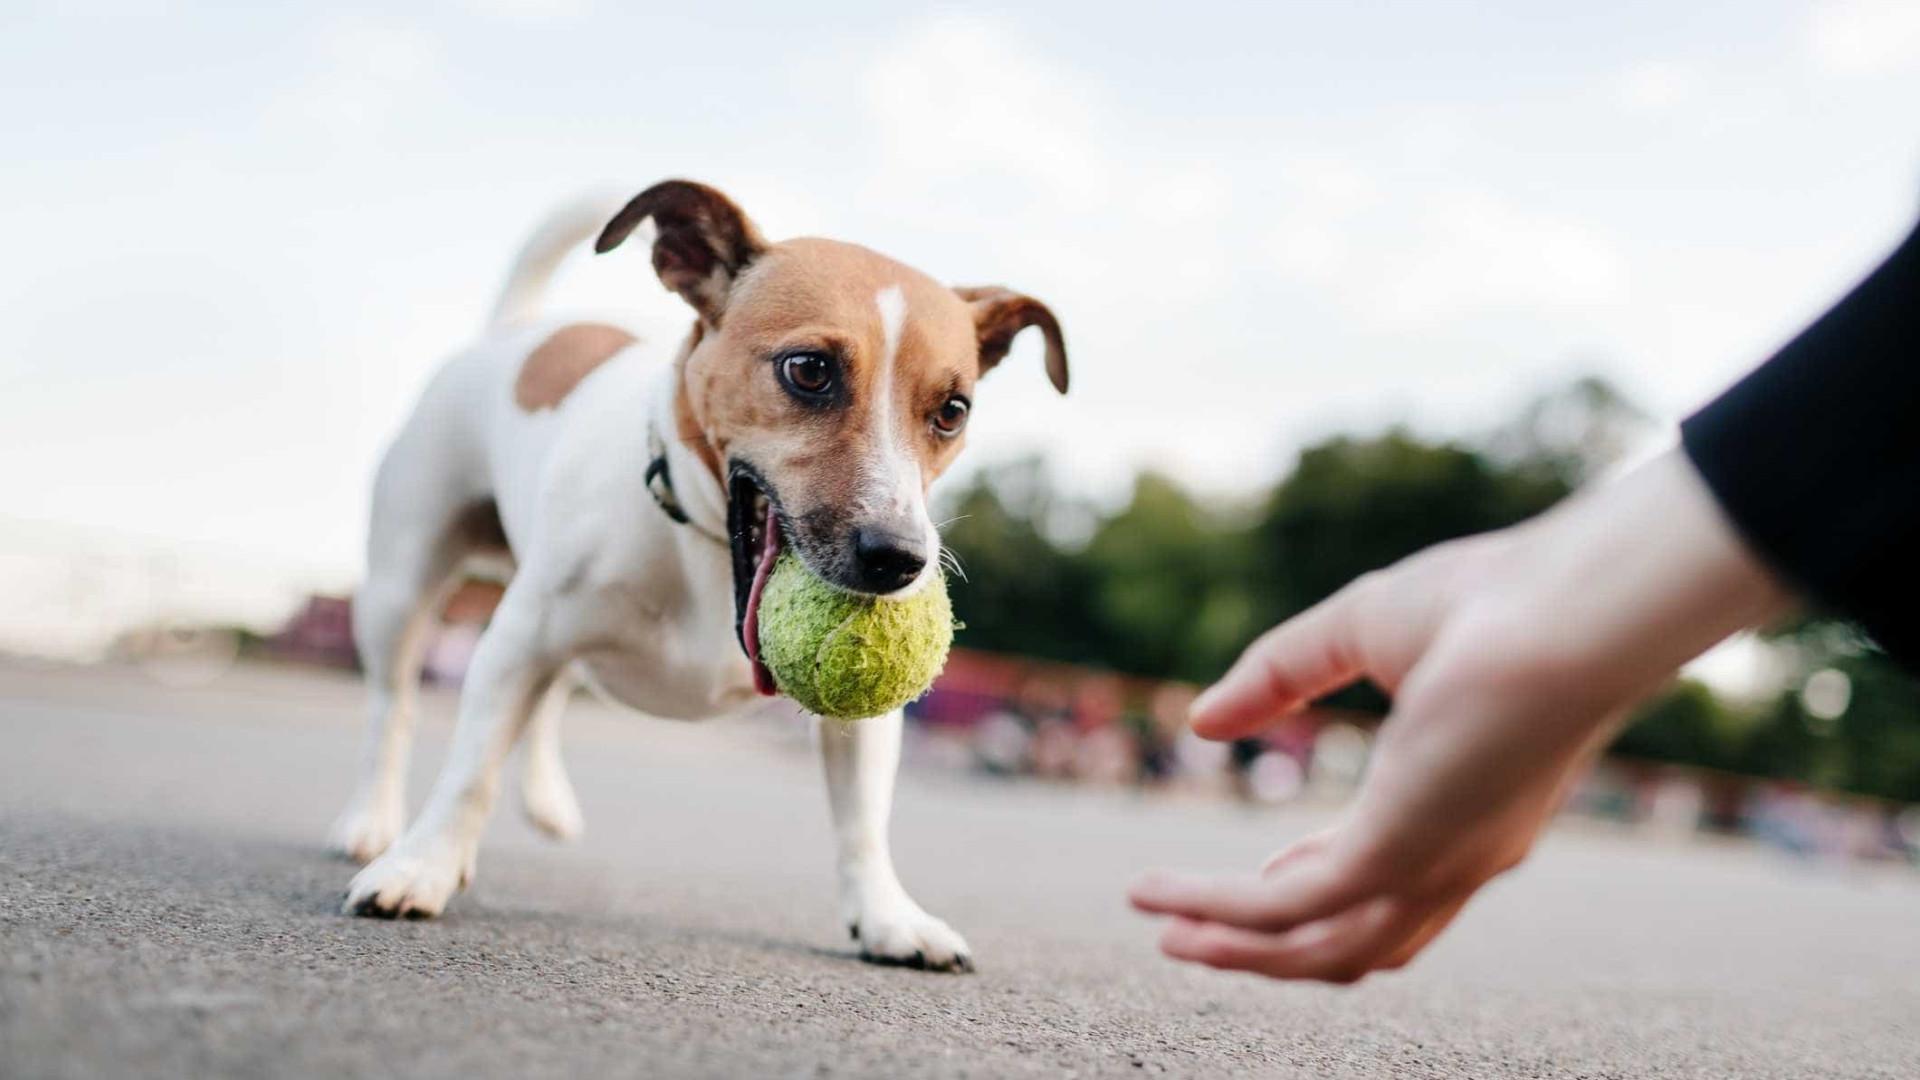 A ciência já não tem dúvidas: Donos de cães vivem mais anos